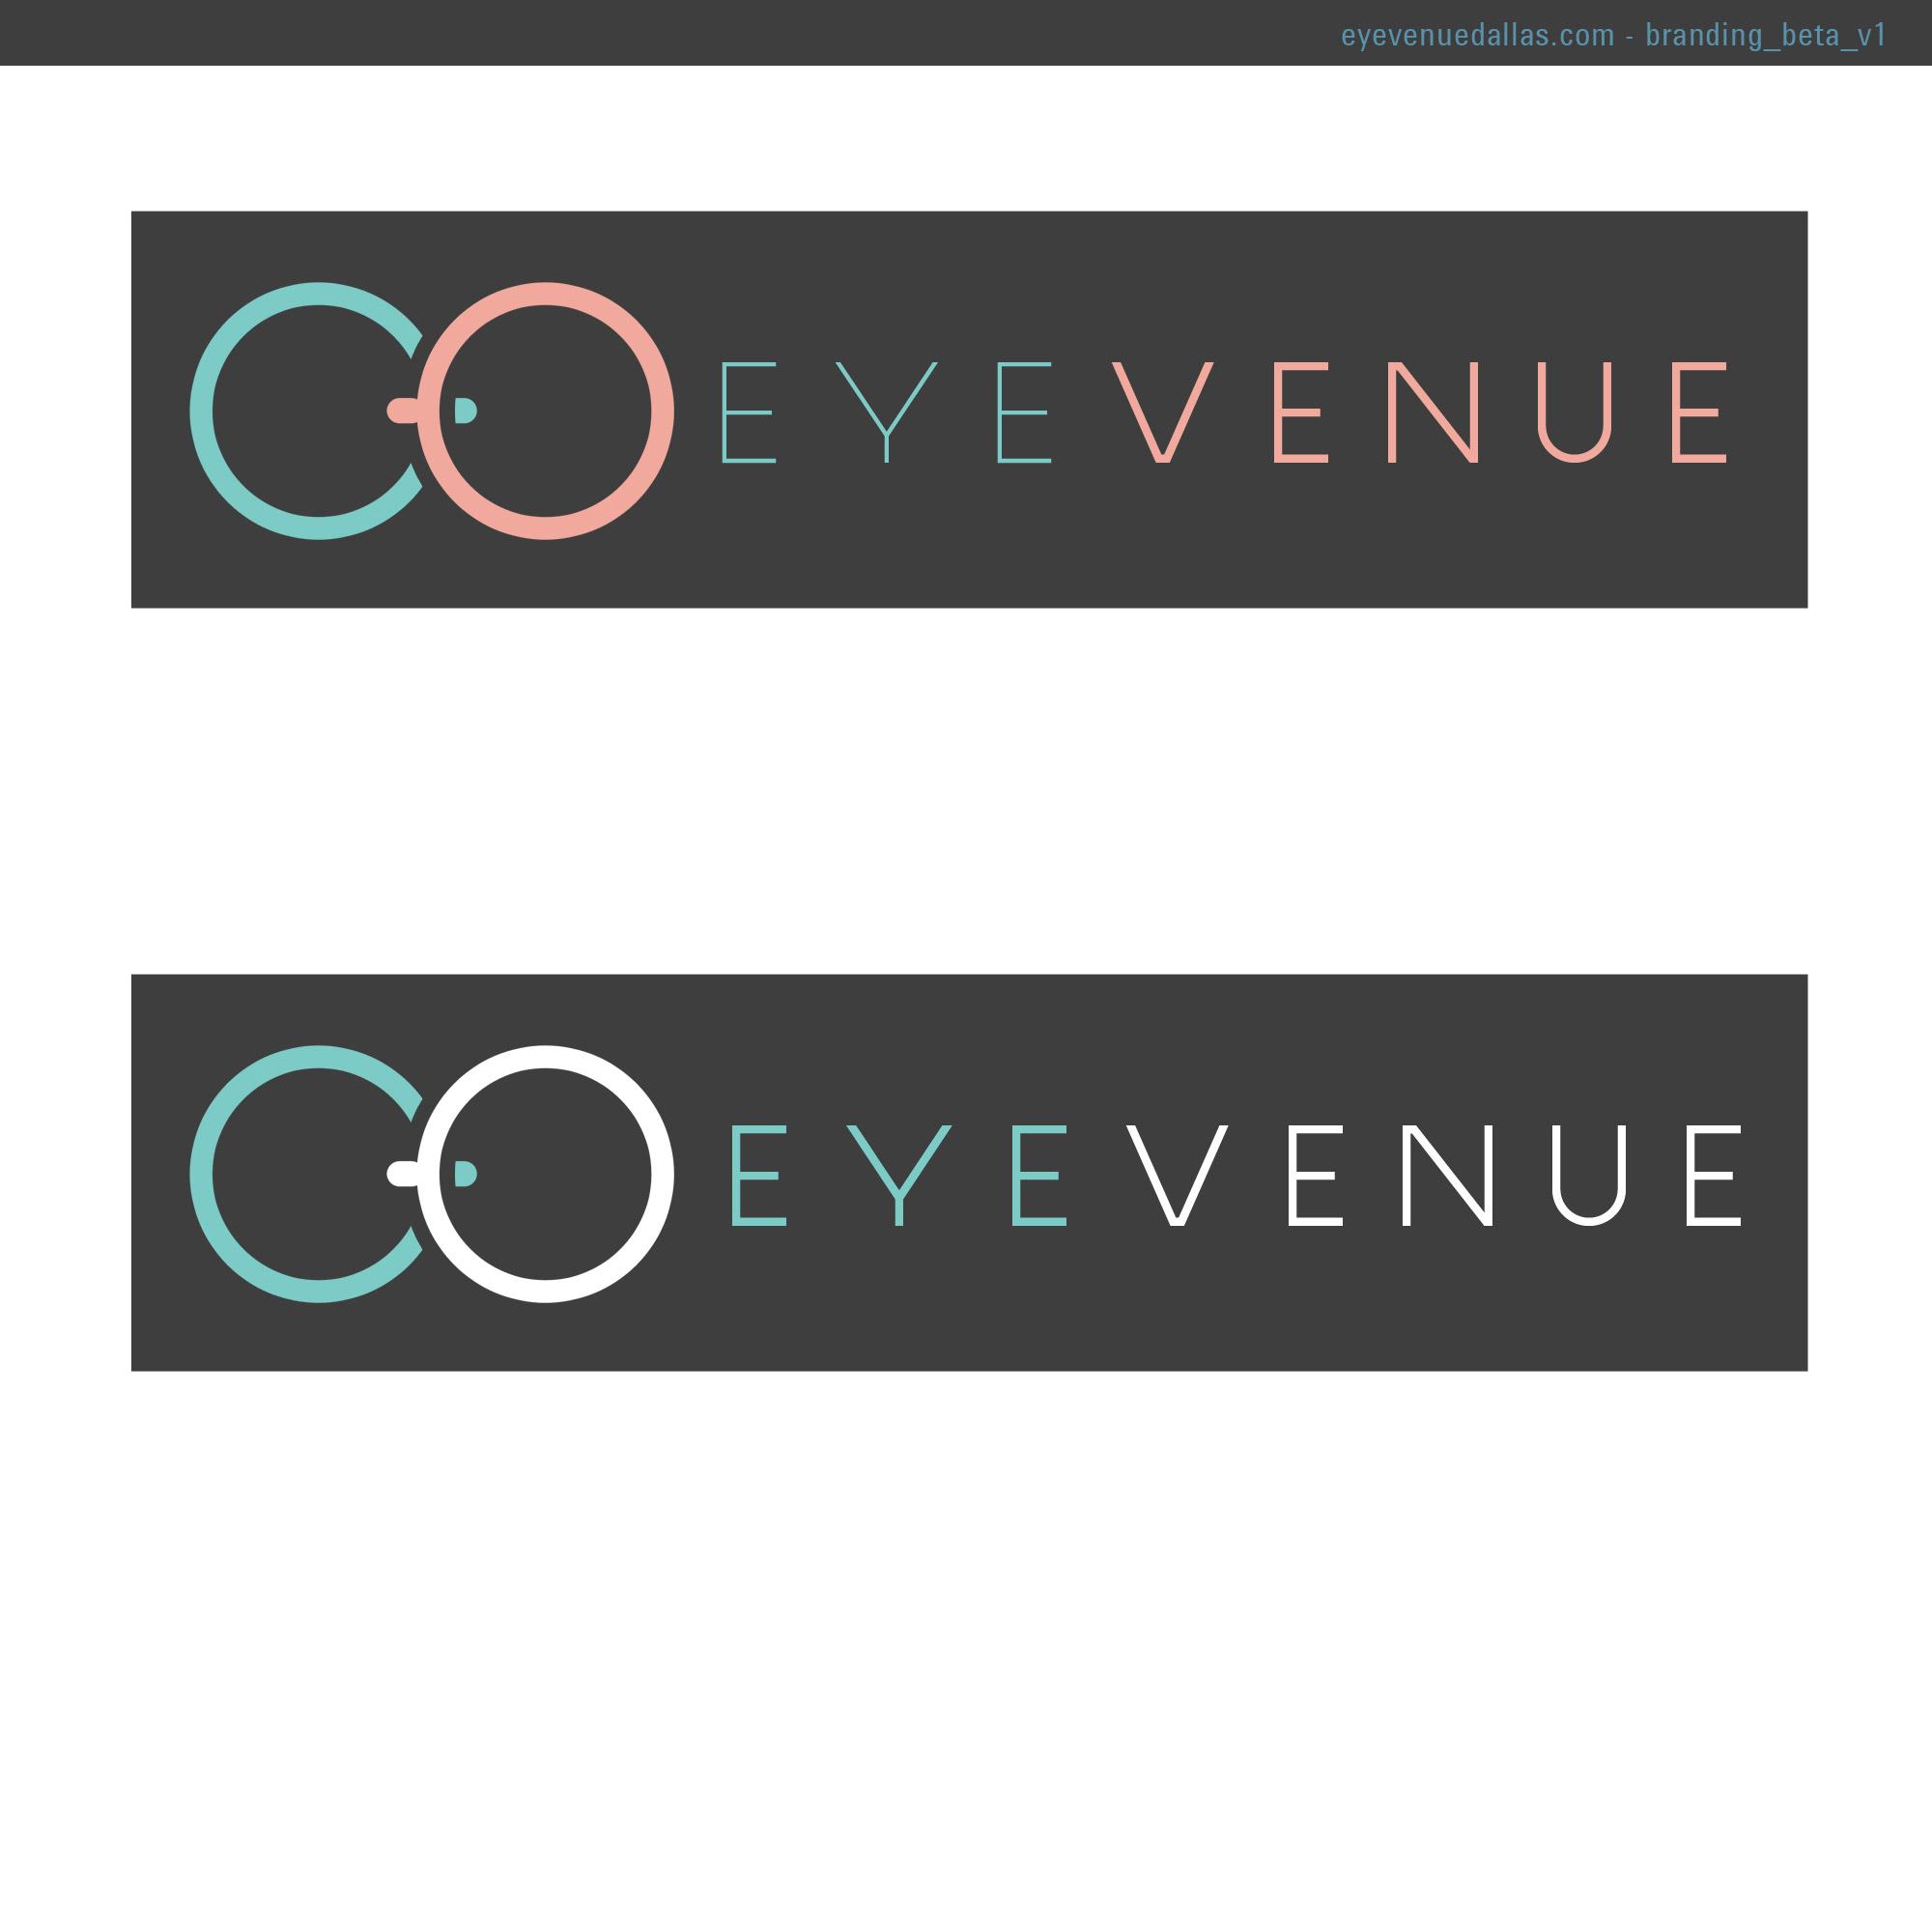 Eyevenue_logo_concept_3_4.jpg